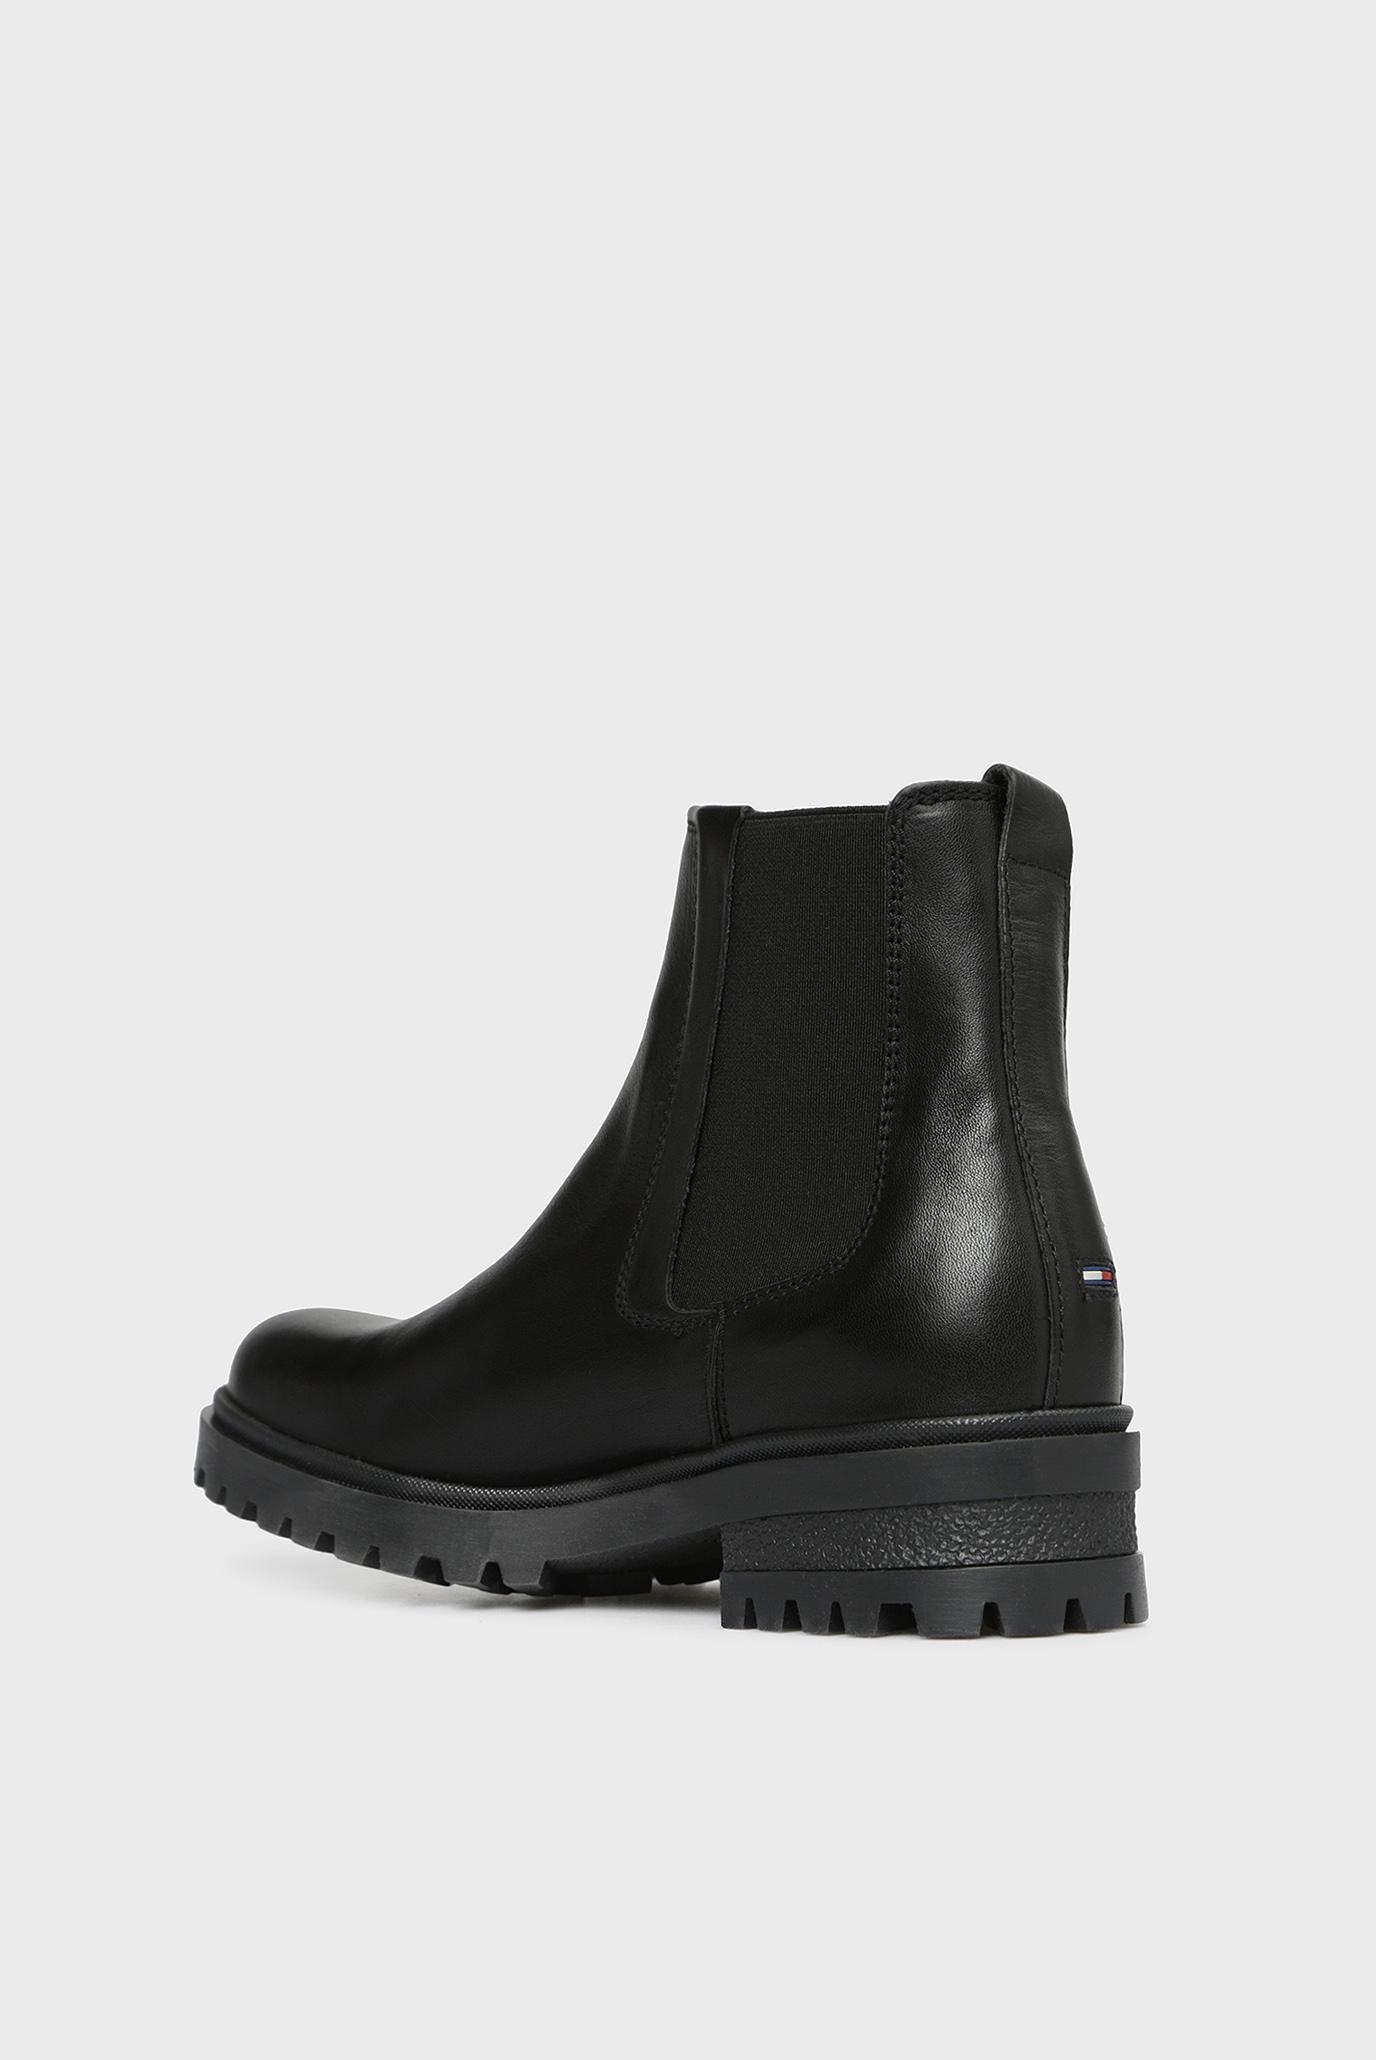 Купить Женские черные кожаные челси ESSENTIAL CLEATED CHELSEA BOOT Tommy Hilfiger Tommy Hilfiger EN0EN00242 – Киев, Украина. Цены в интернет магазине MD Fashion